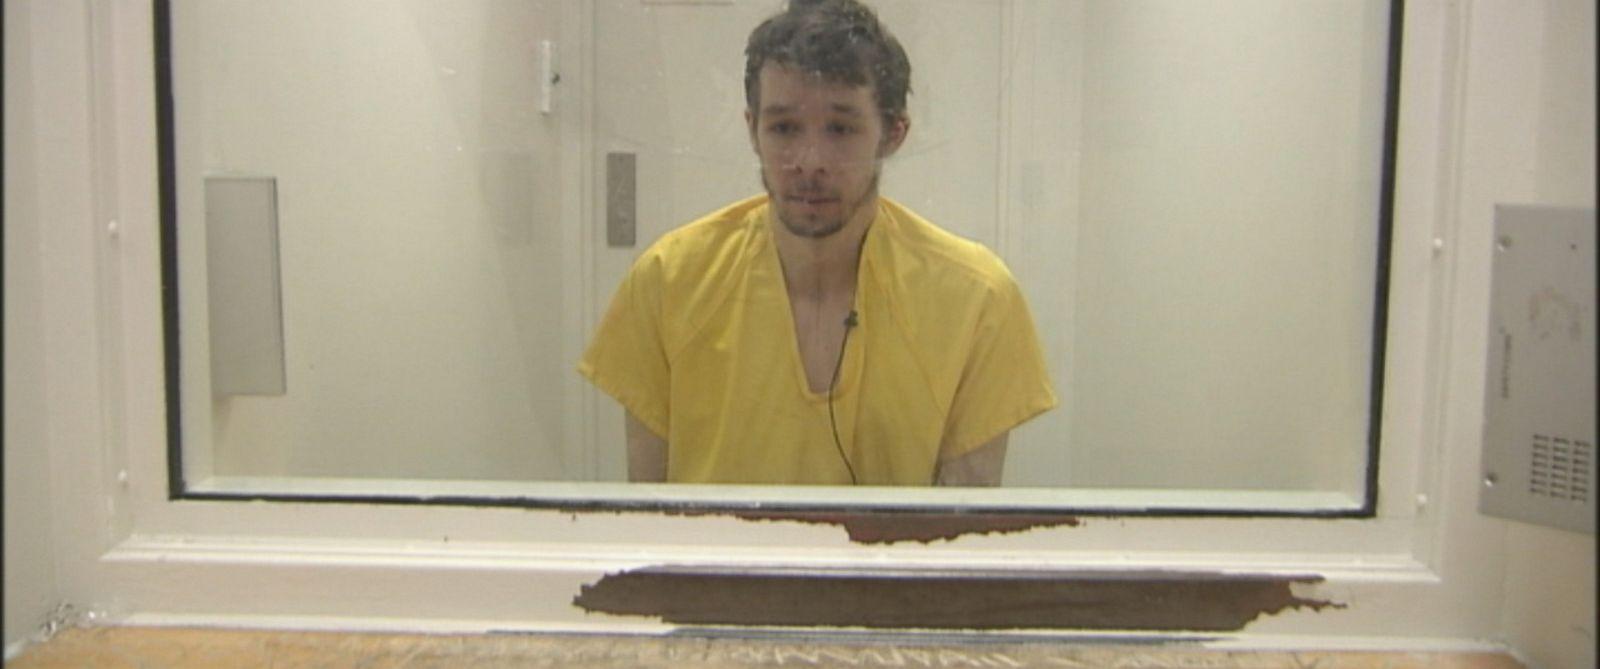 PHOTO: Daniel Spain, 25, was arrested after allegedly stabbing a woman in Spokane, Washington last week.